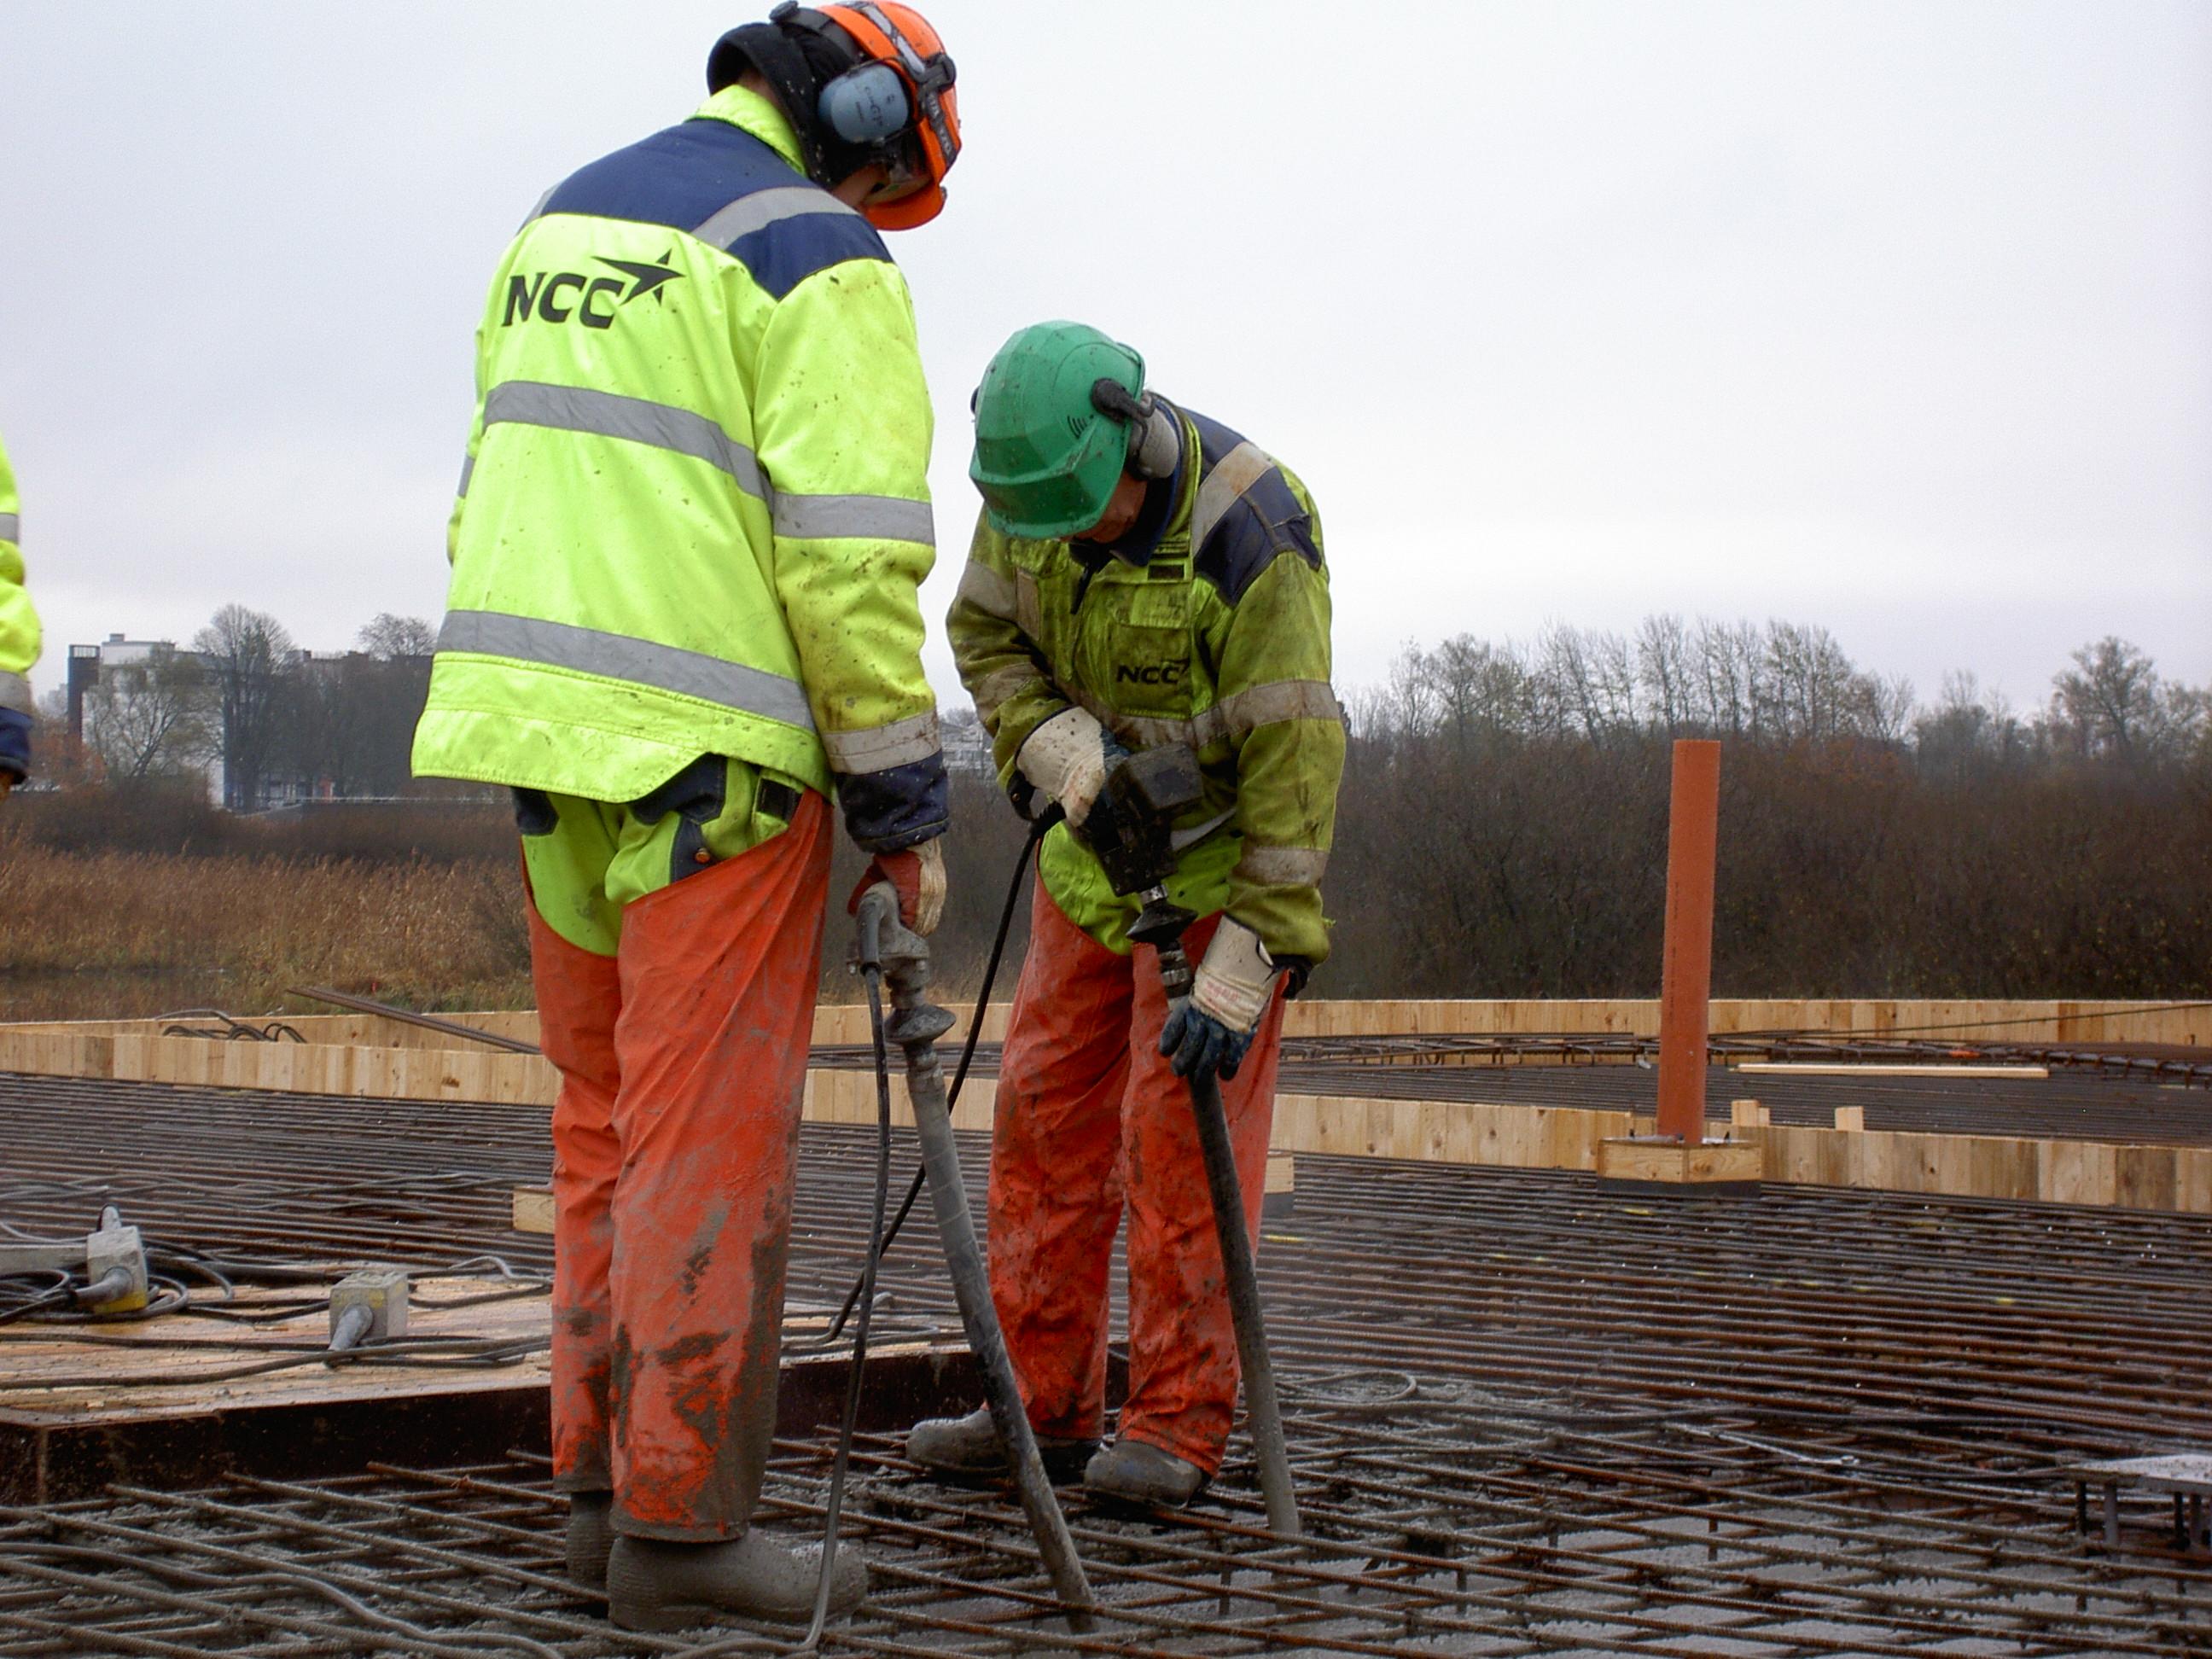 4 Vibbrerar betong sem 091105 PICT5319